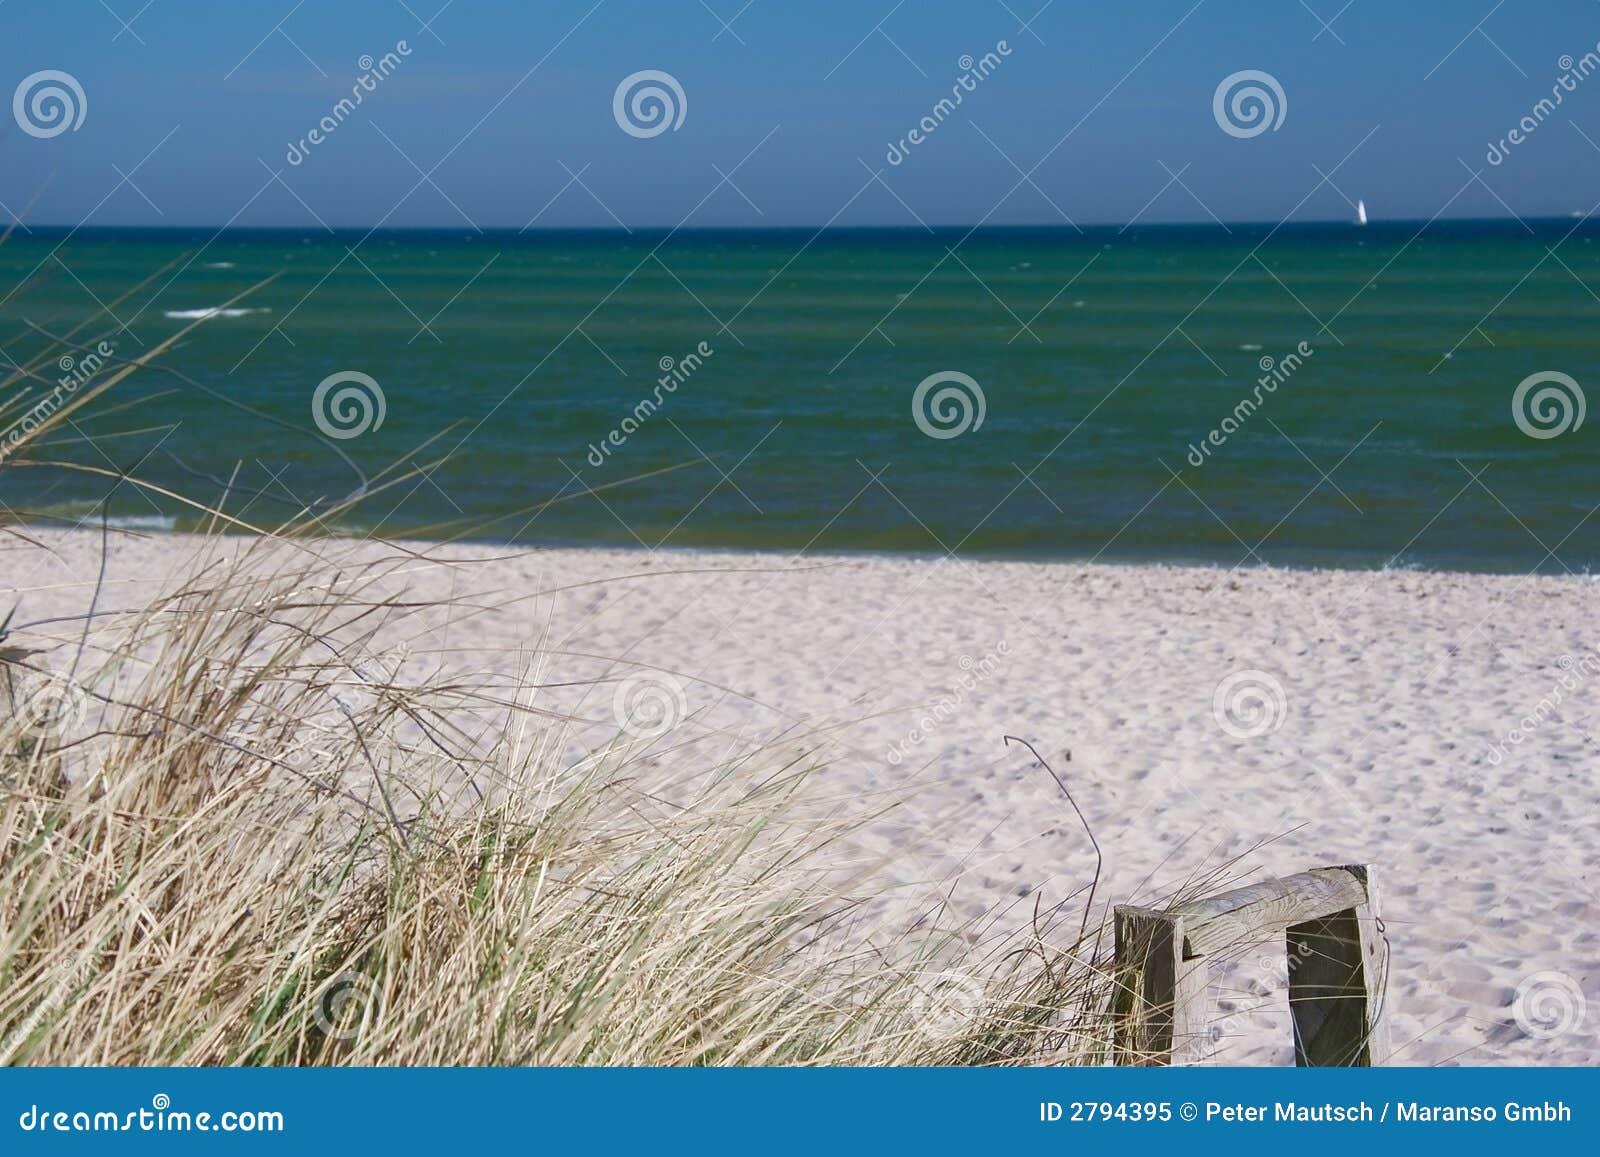 Coastline with dunes